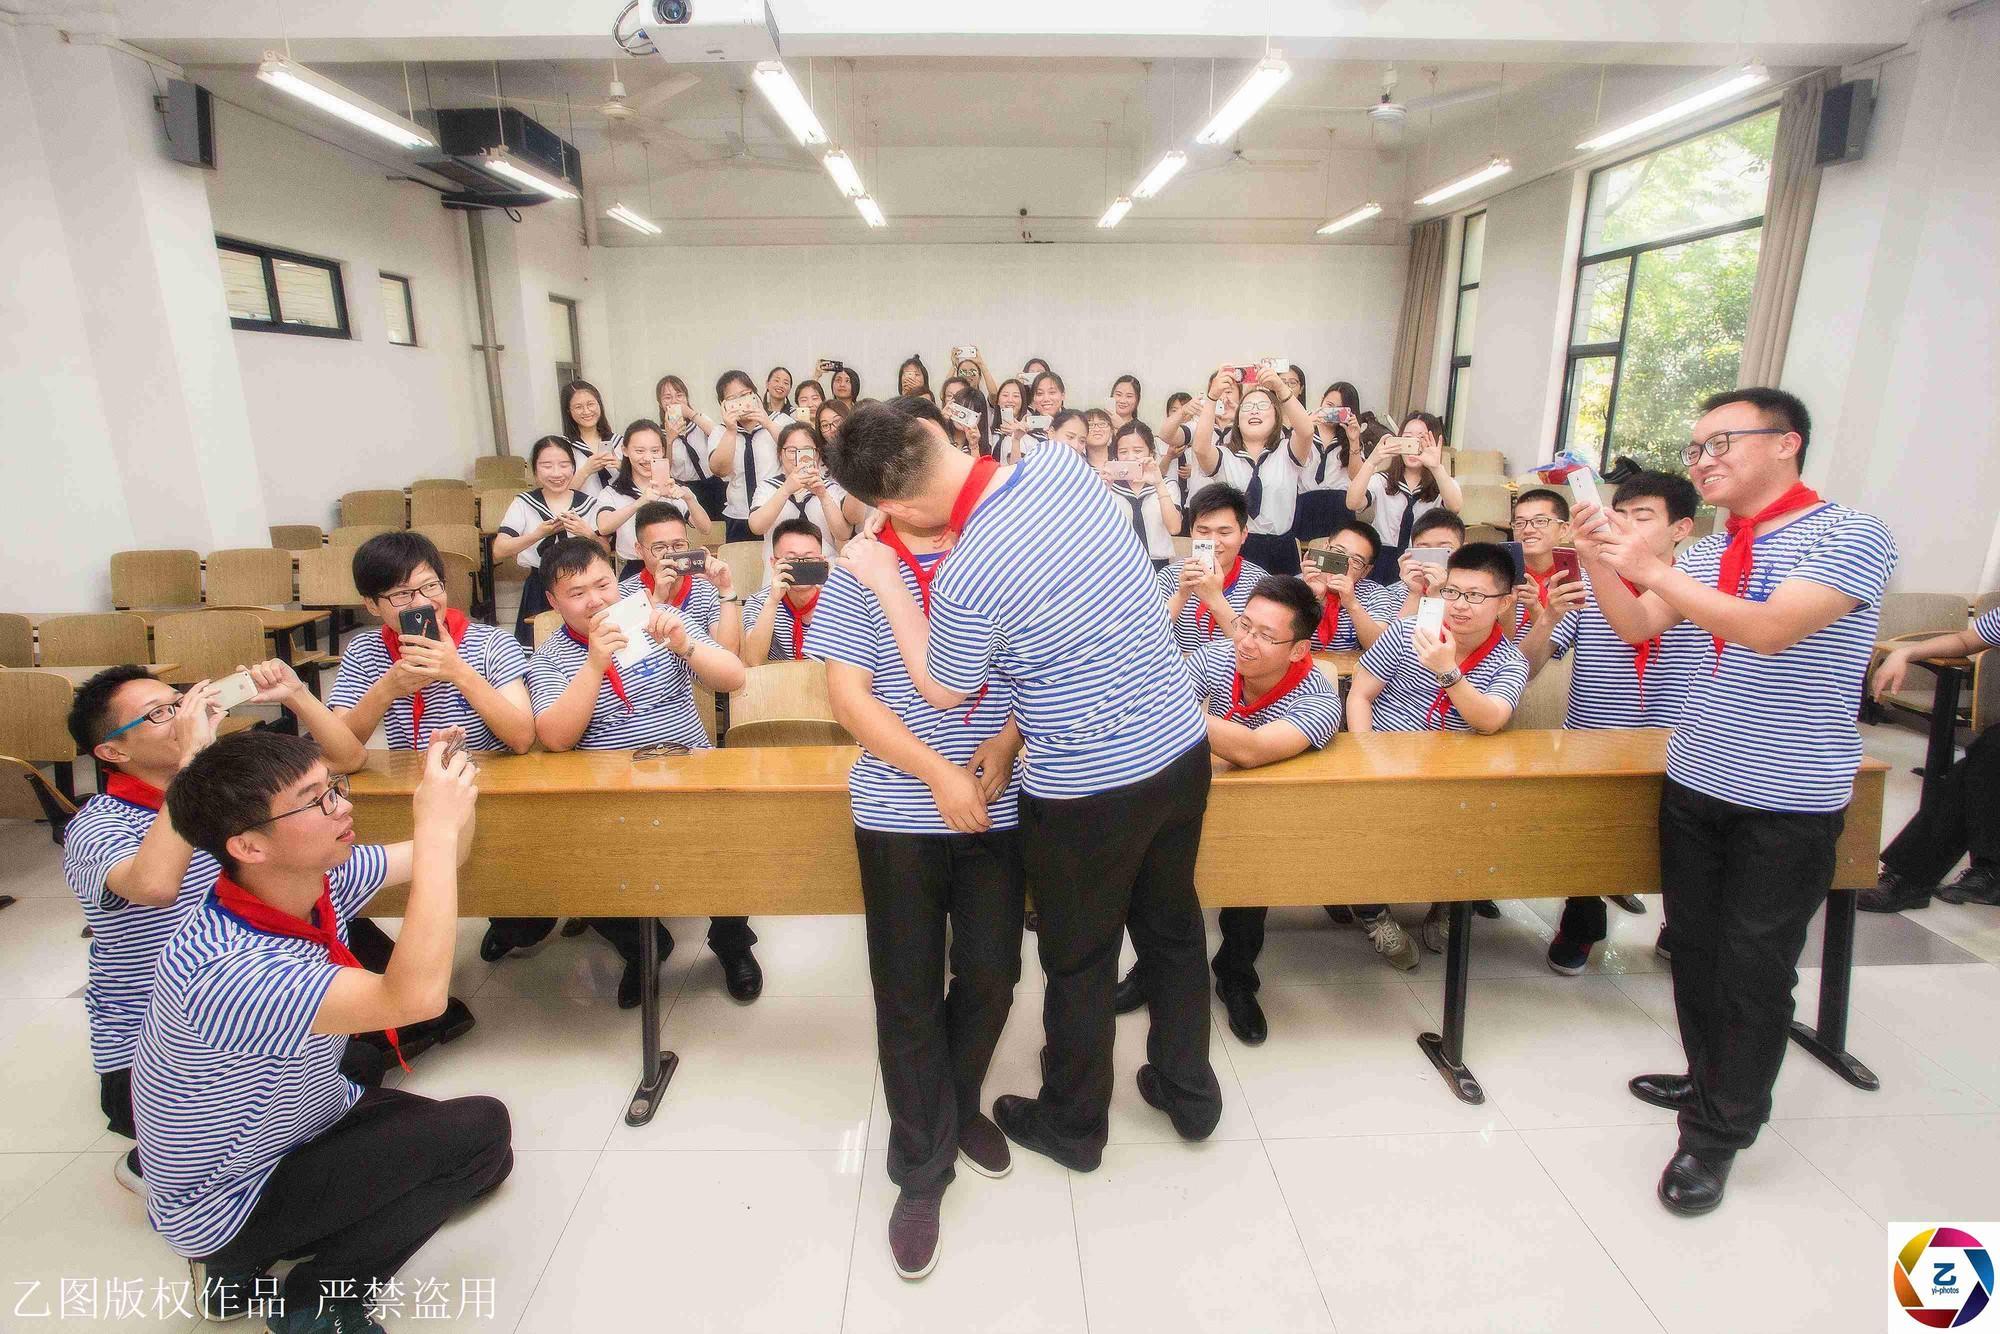 Kỷ yếu của học sinh Trung Quốc: Lầy lội nhưng sáng tạo và chất không kém Việt Nam - Ảnh 18.